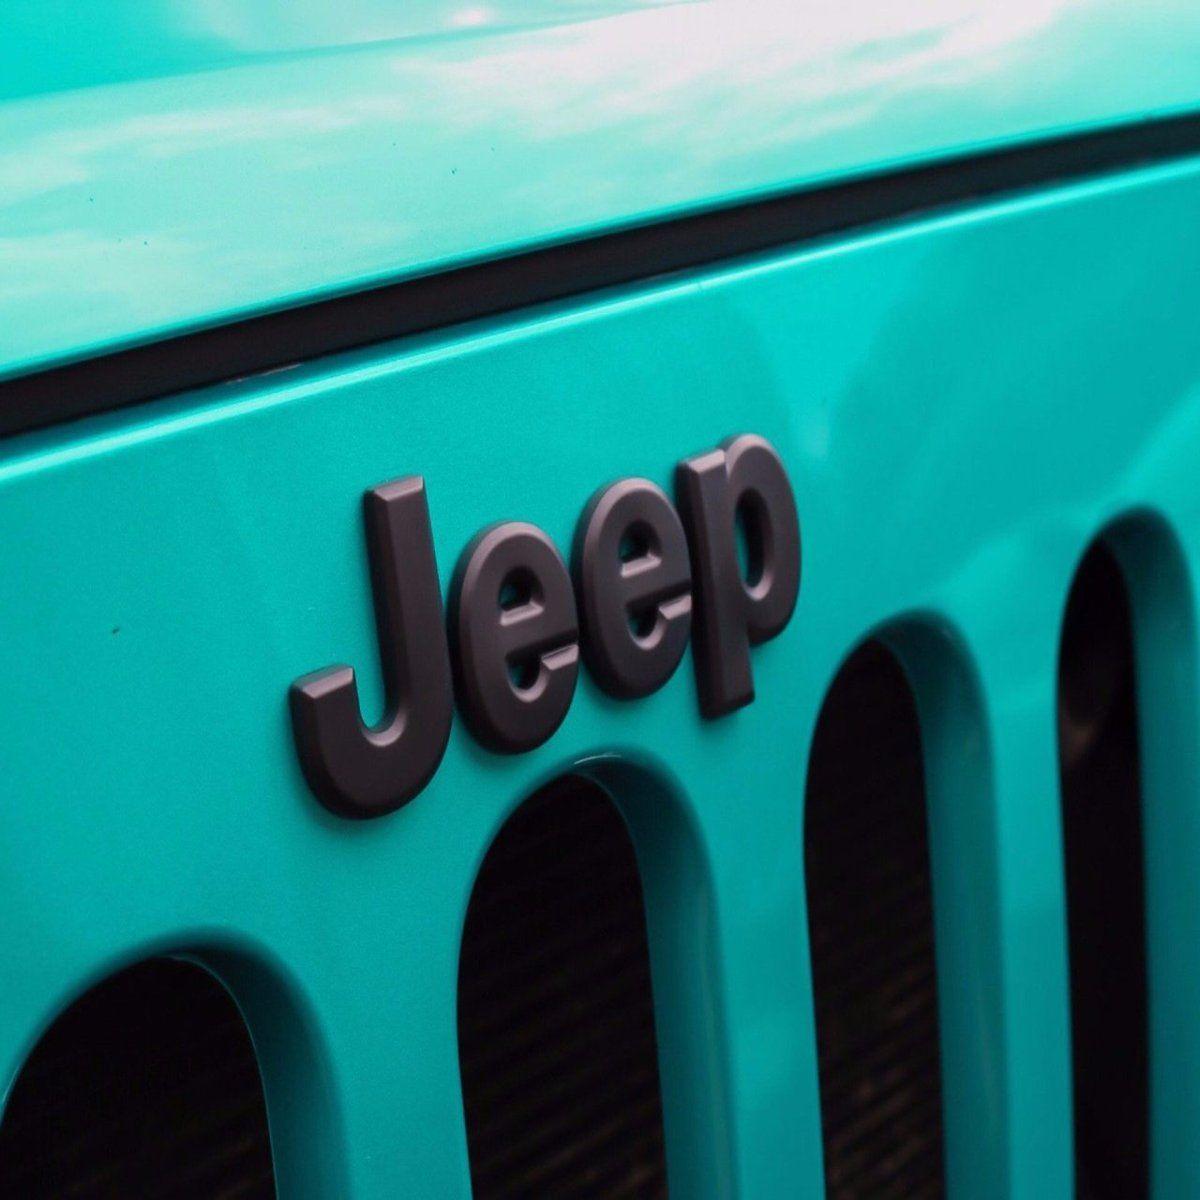 QUICKKAP Jeep Wrangler Front JK Emblem Cover Exterior Accessories ...